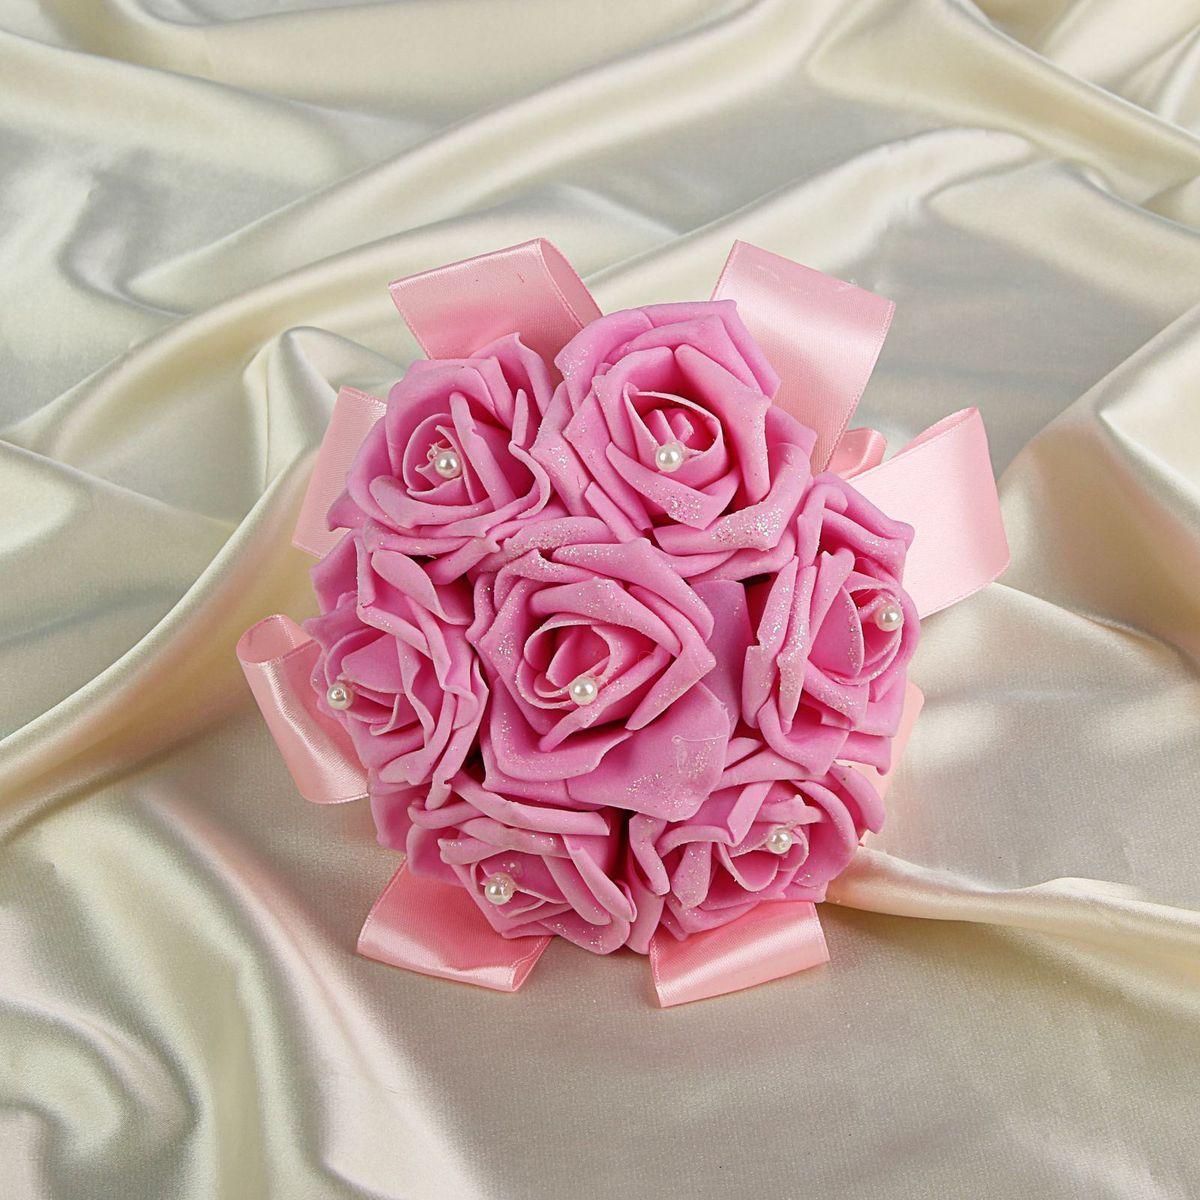 Букет-дублер Sima-land, цвет: розовый. 126282397775318Добавьте в интерьер частичку весны! Дублер букета невесты с розами премиум будет радовать неувядающей красотой не один год. Просто поставьте его в вазу или создайте пышную композицию.Искусственные растения не требуют поливки, особого освещения и другого специального ухода. Они украсят любое помещение (например, ванную с повышенной влажностью или затемнённый коридор).Дом становится уютным благодаря мелочам. Преобразите интерьер, а вместе с ним улучшится и настроение!